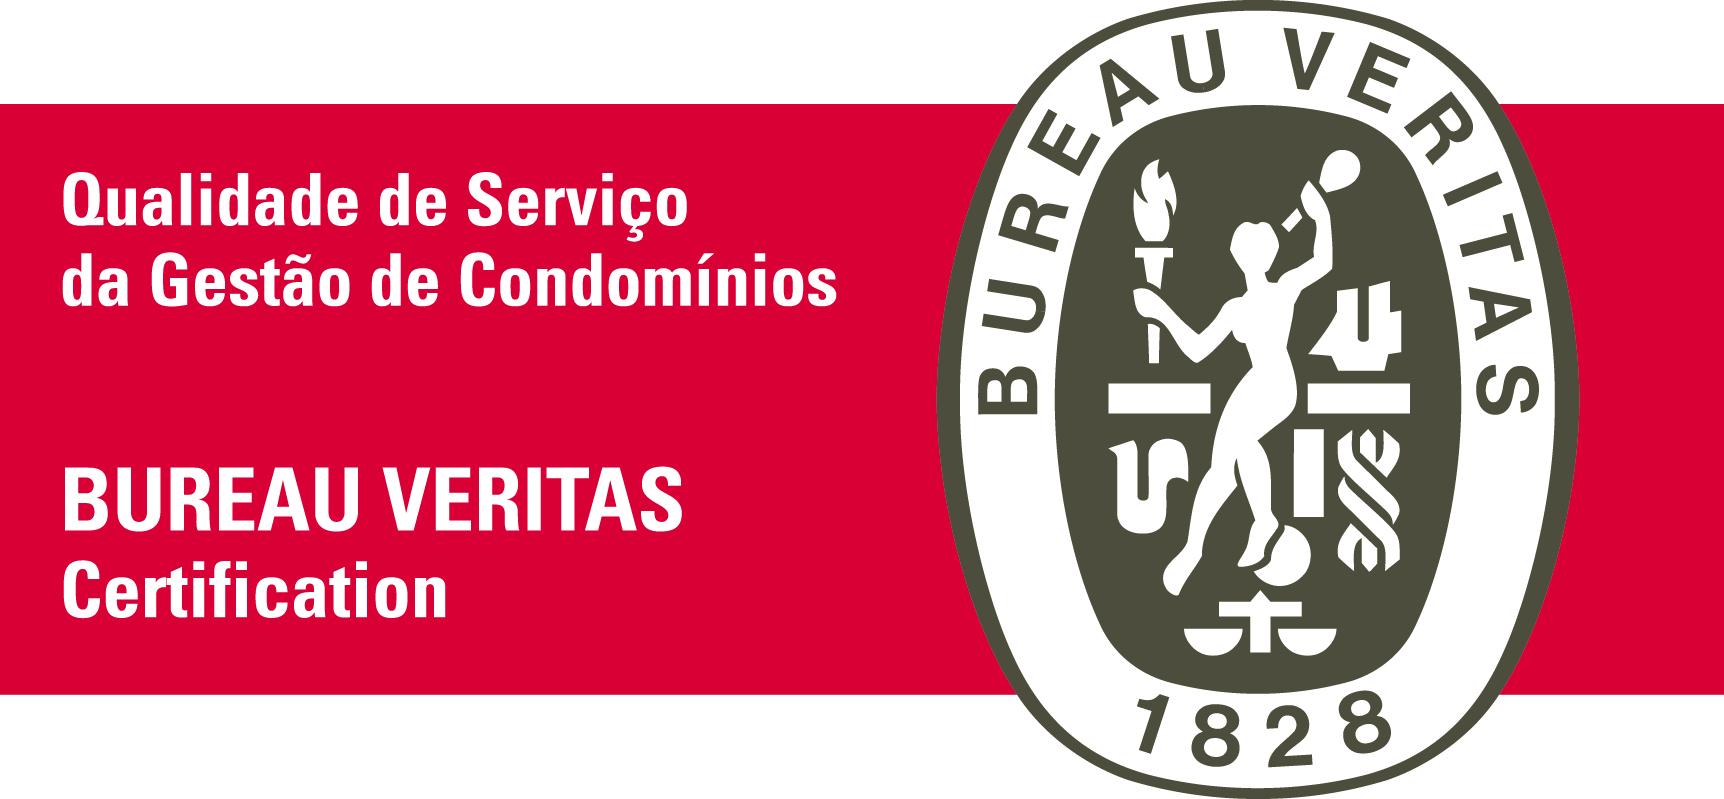 bv_cert_qualidade-de-servio-da-gesto-de-condomnios